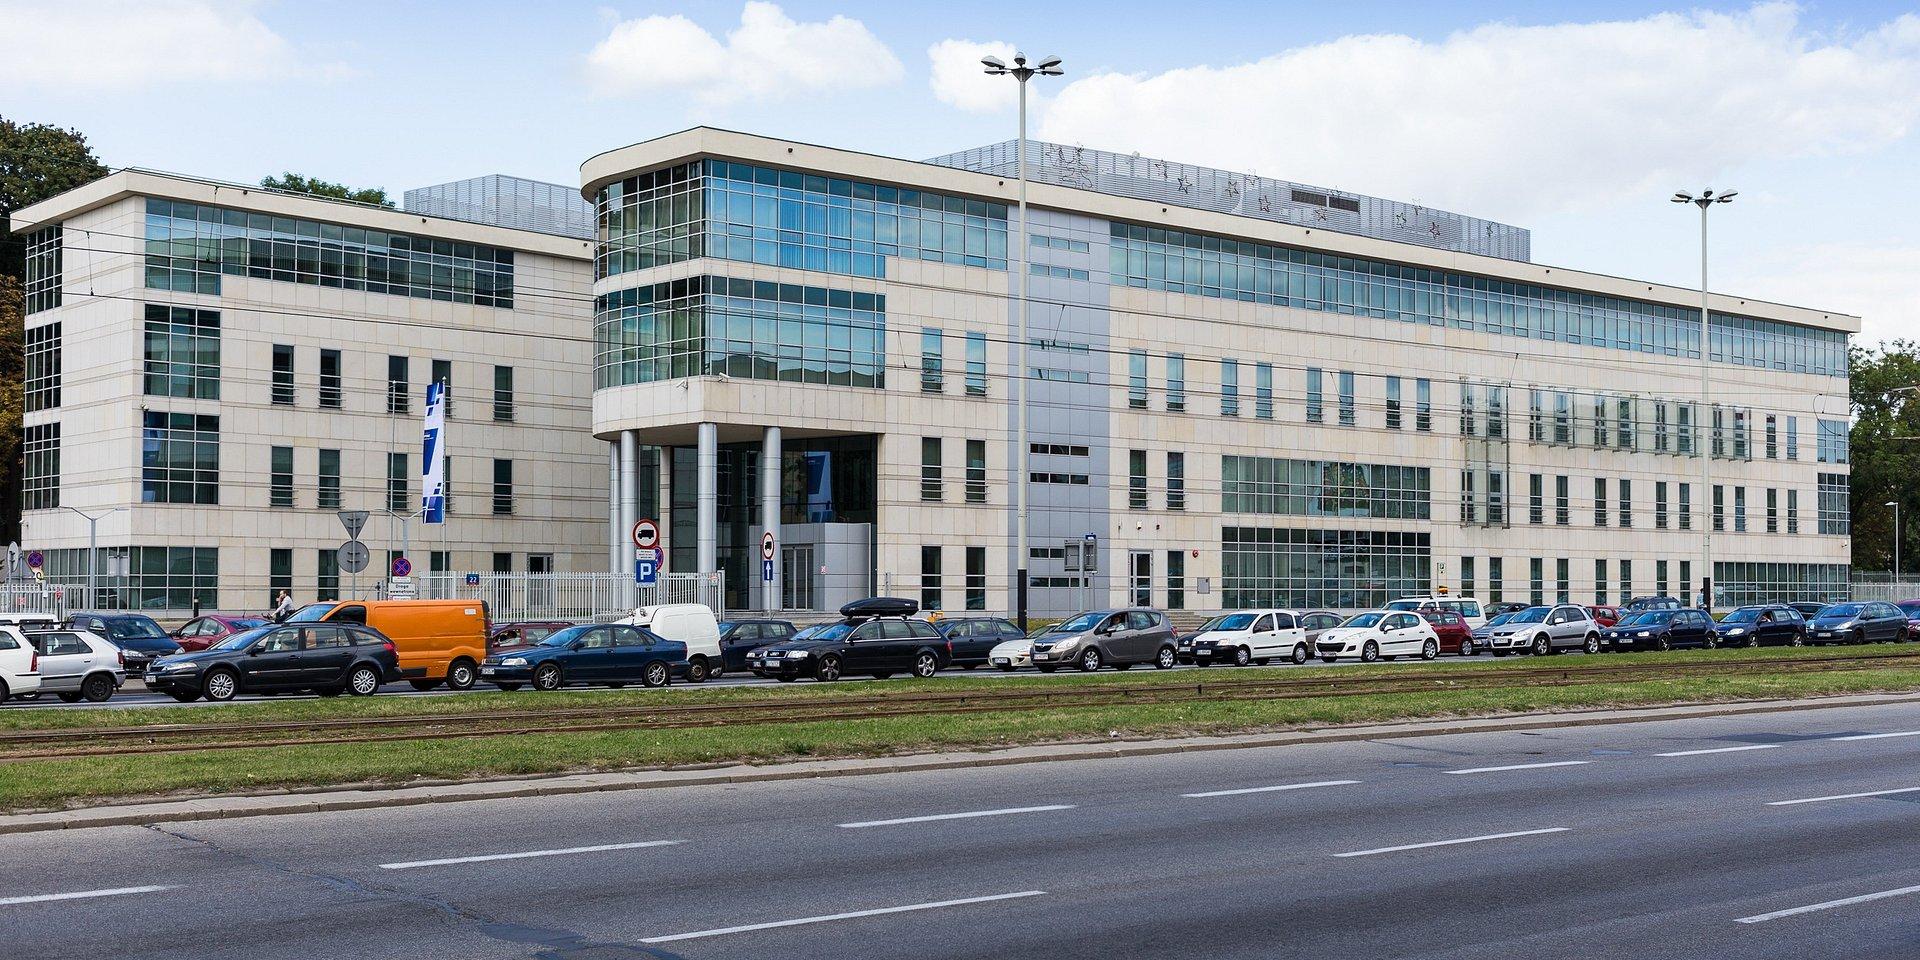 Biurowiec Łódź 1 pod opieką Colliers International